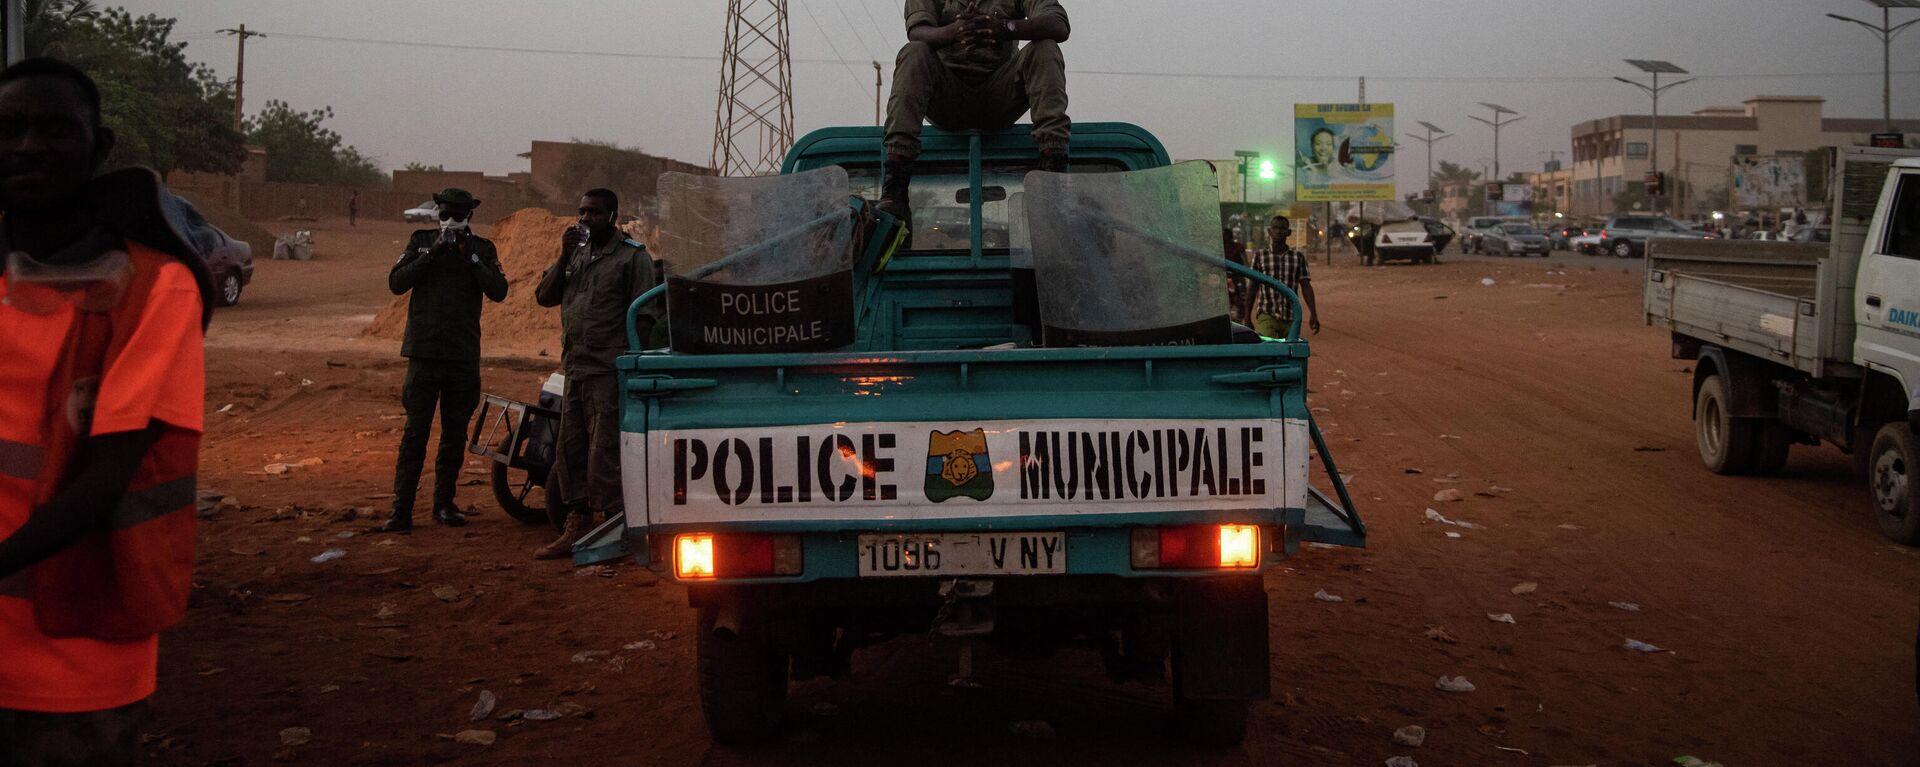 Polizei im Niger - SNA, 1920, 23.03.2021